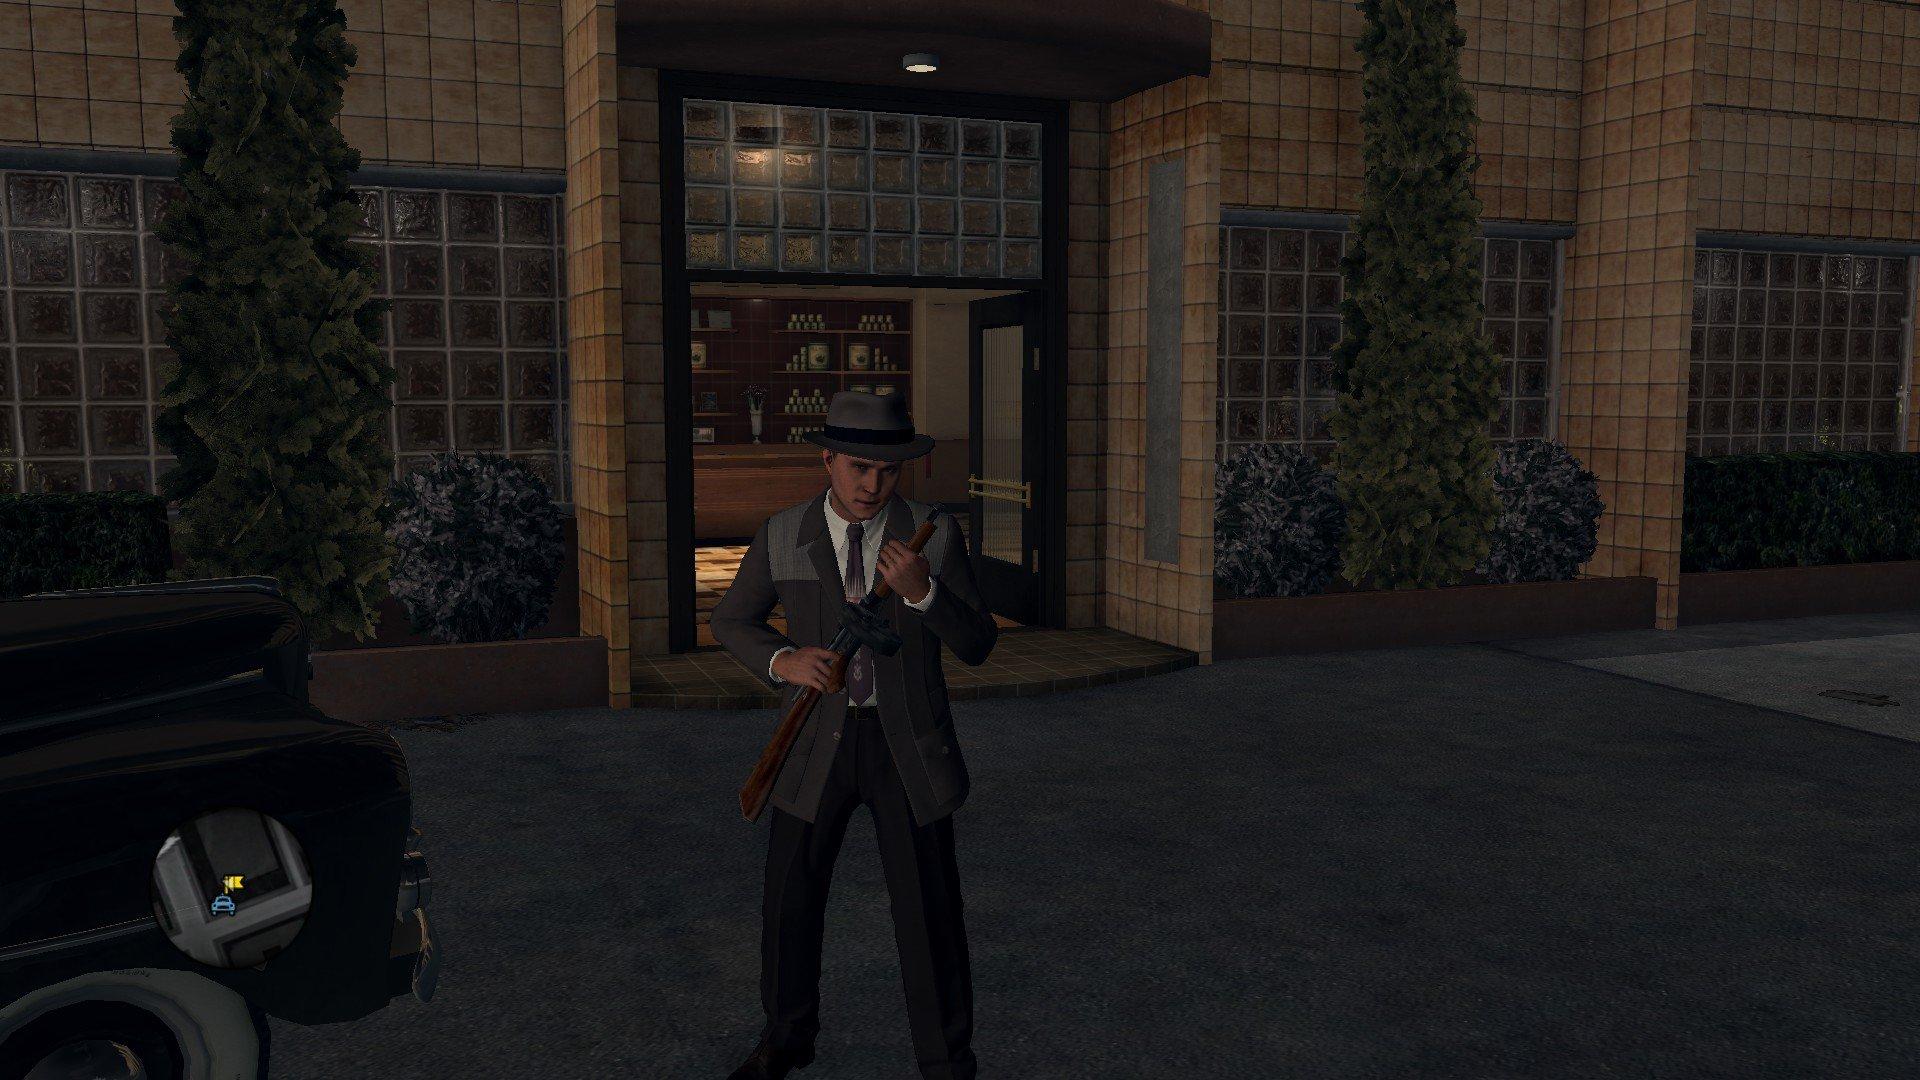 Пост-прохождение L.A. Noire Часть 15. - Изображение 51